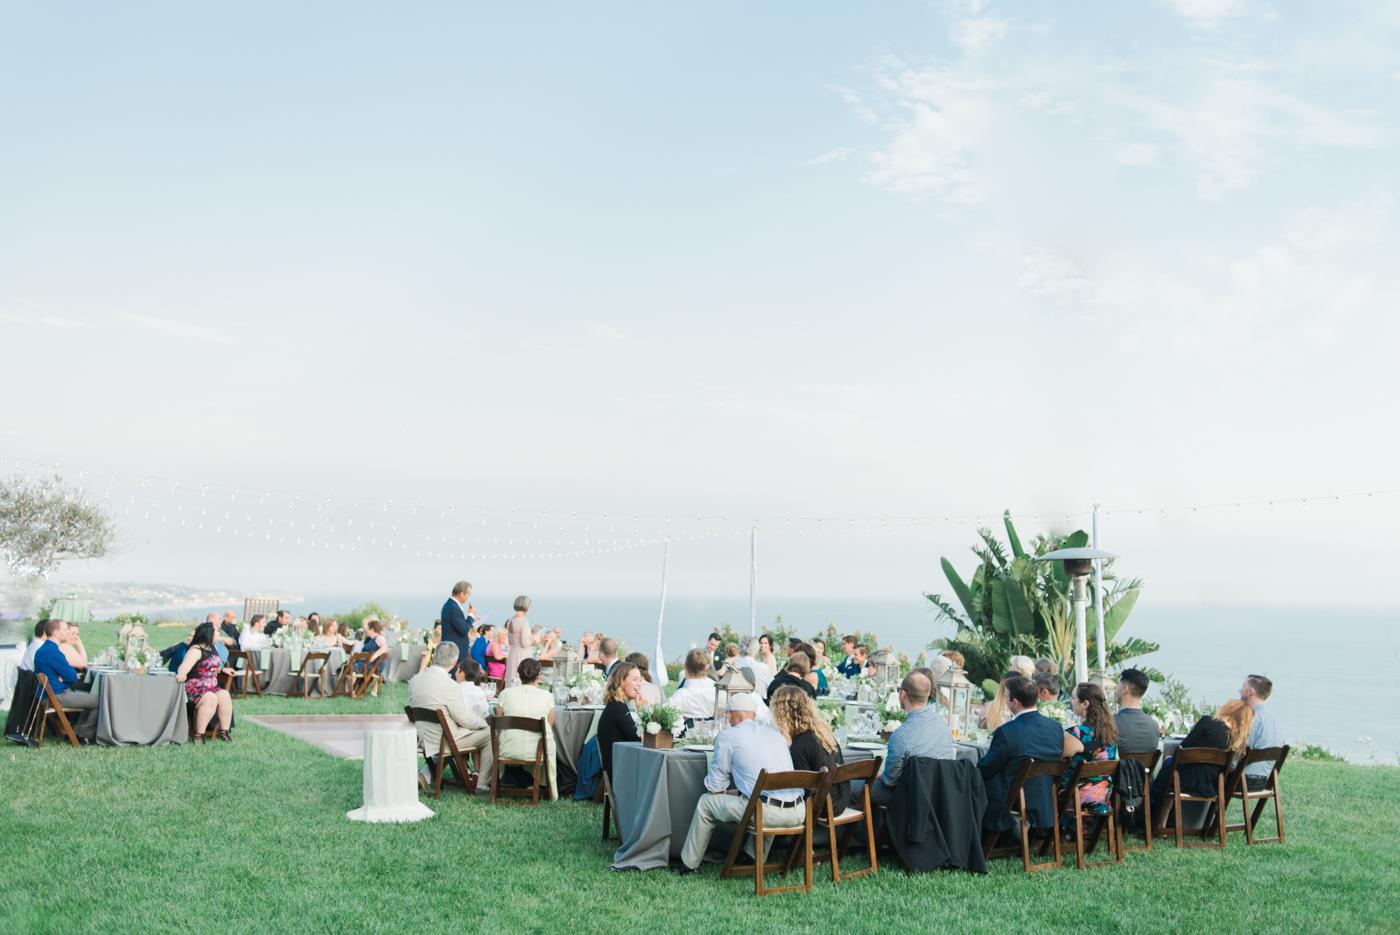 AKP_S&F_Malibu_Wedding_Fine_Art_Photography_Los_Angeles-44_reception.jpg